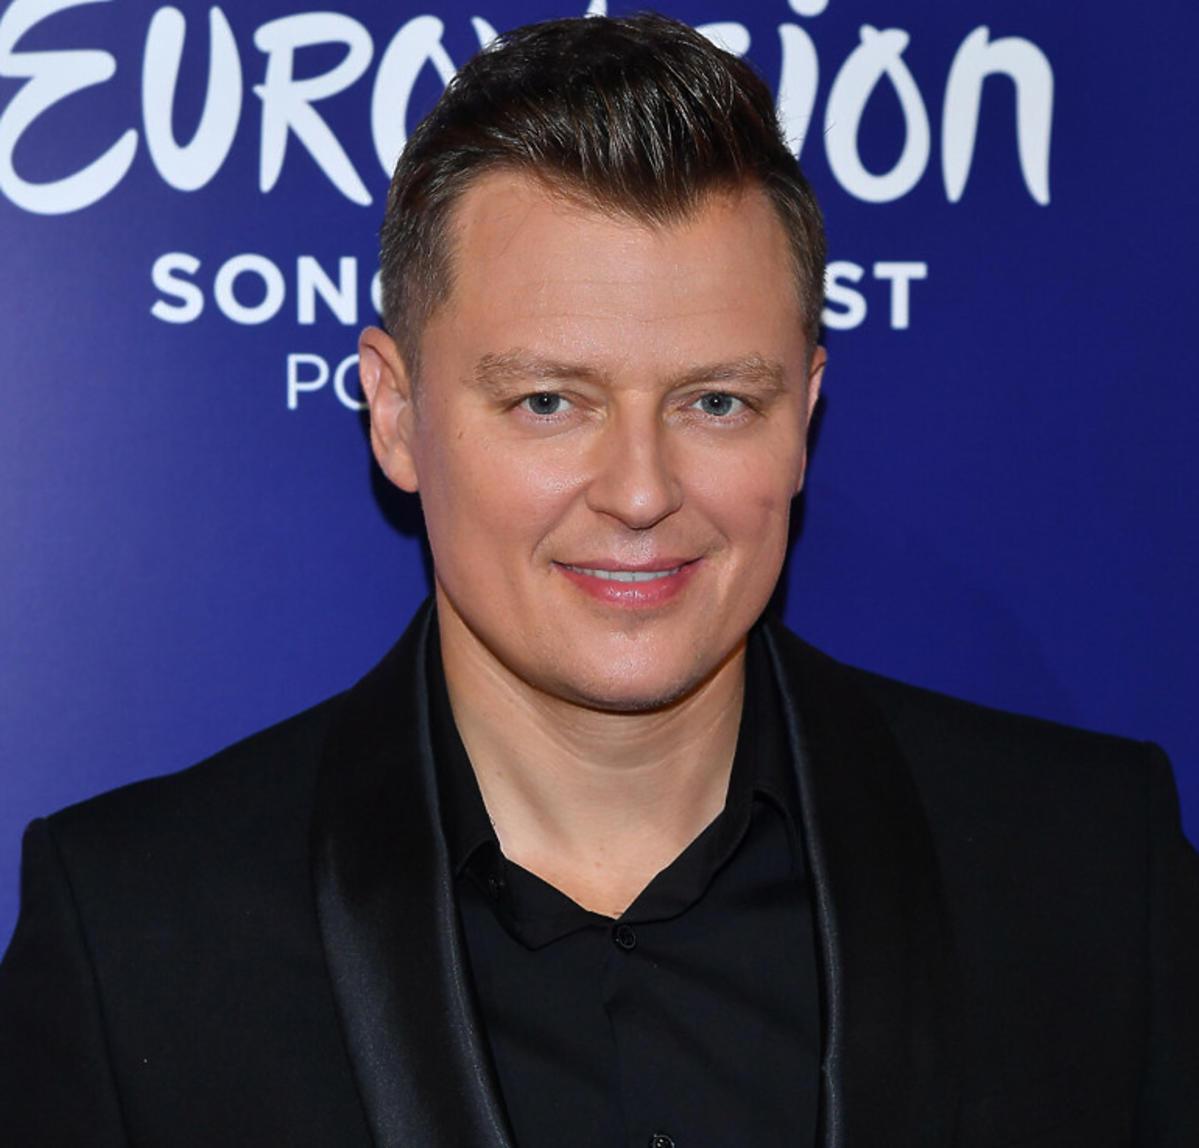 Rafał Brzozowski